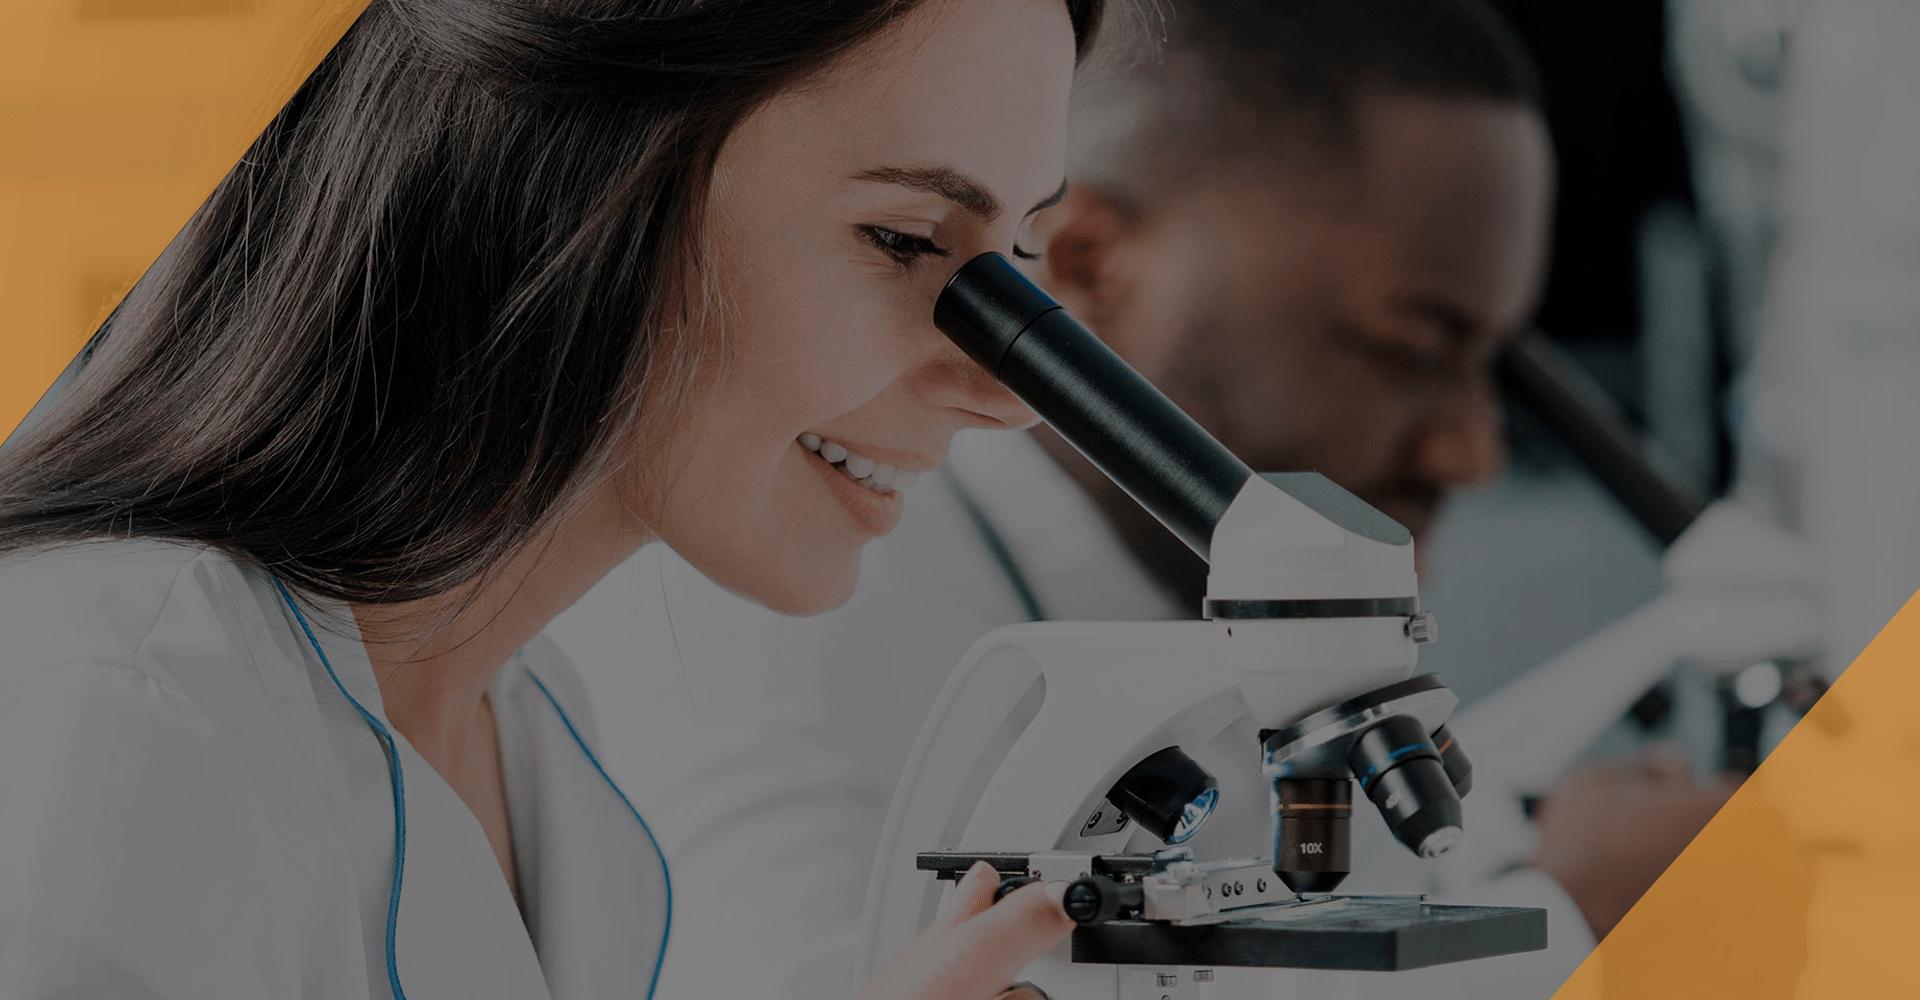 Os testes inovadores para detecção da COVID-19